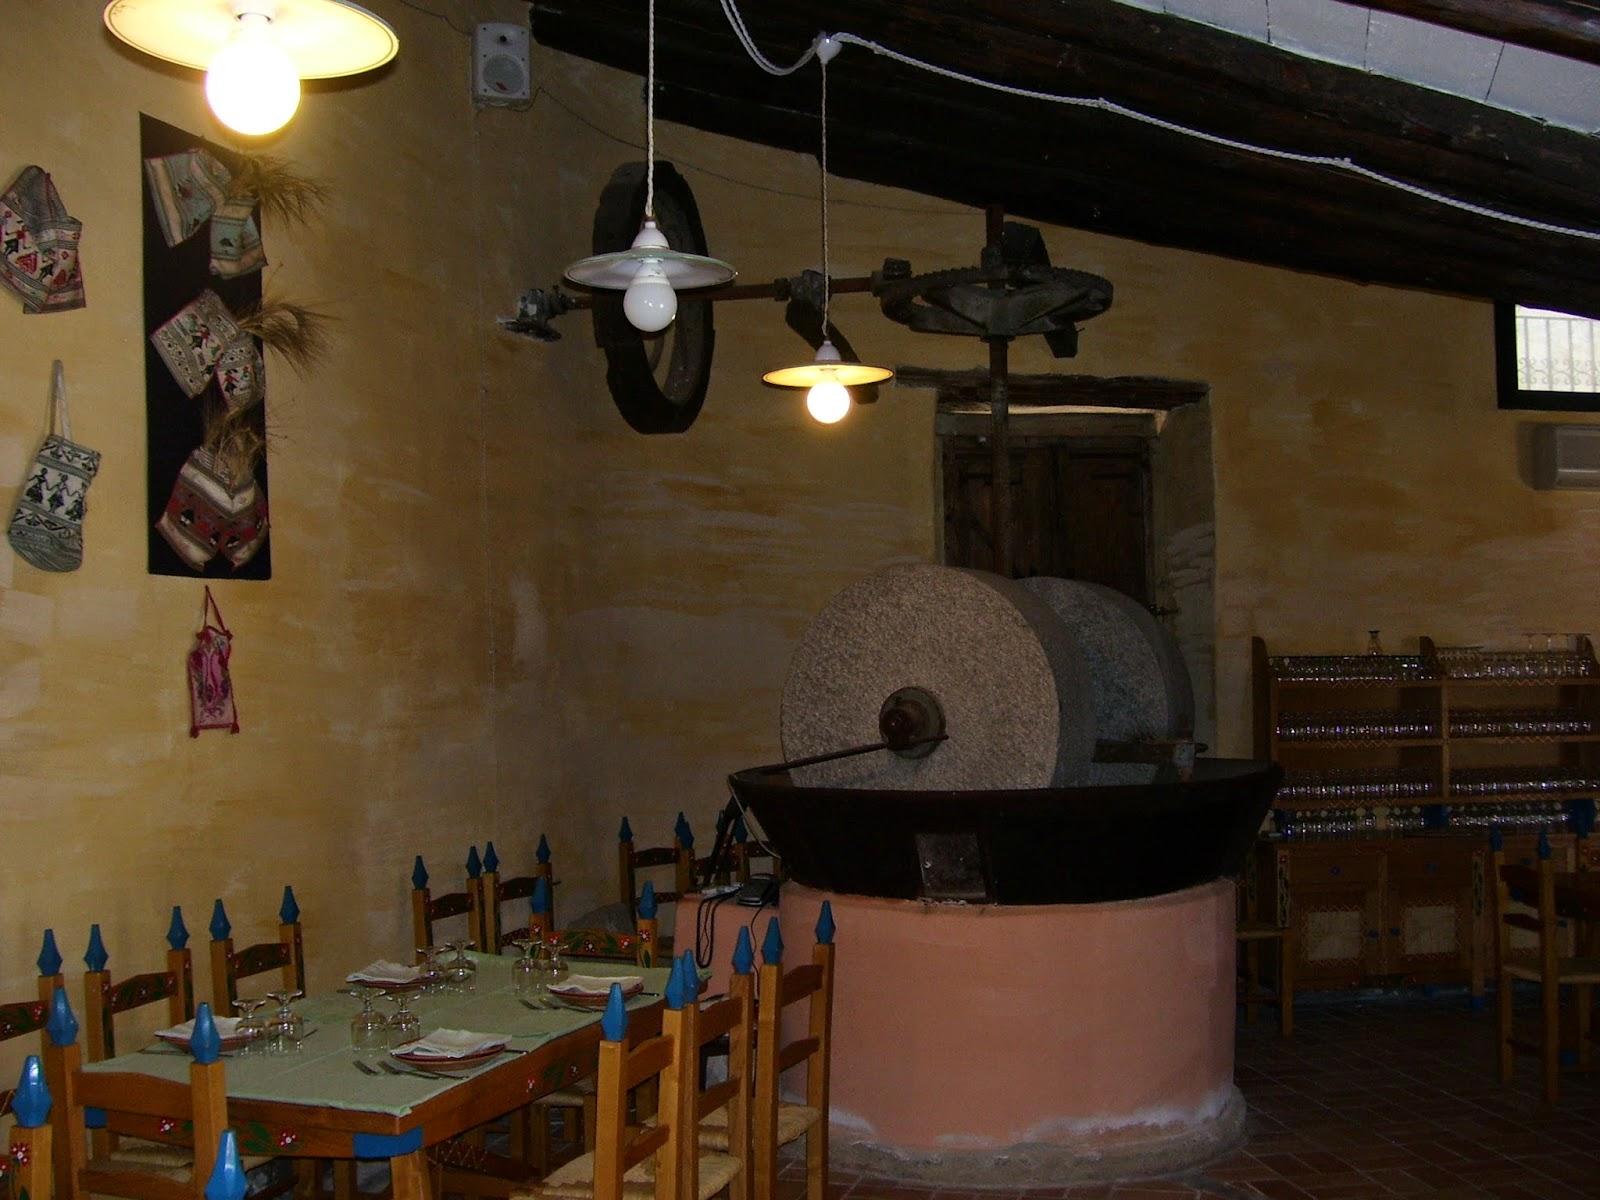 Nella Sala Da Pranzo Del Ristorante Resta Immobile L'antica Macina Per  #AF941C 1600 1200 Sala Da Pranzo Del Convento Sinonimo